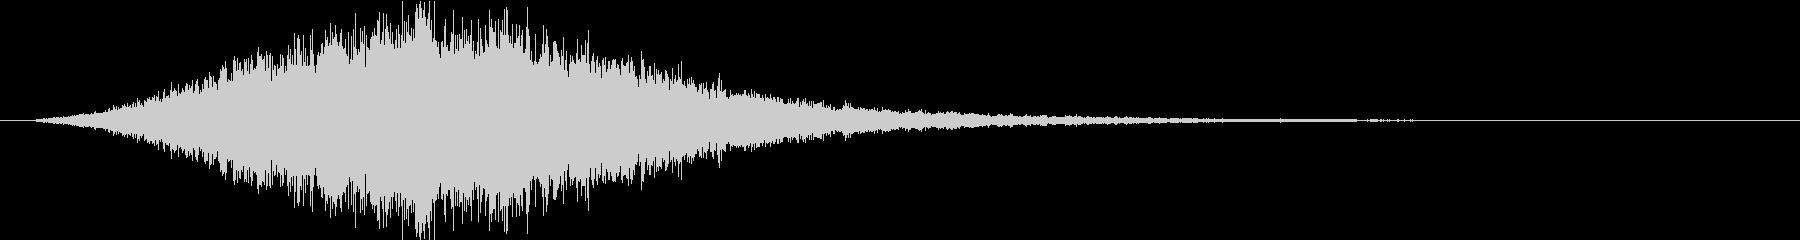 ミステリアスな効果音の未再生の波形